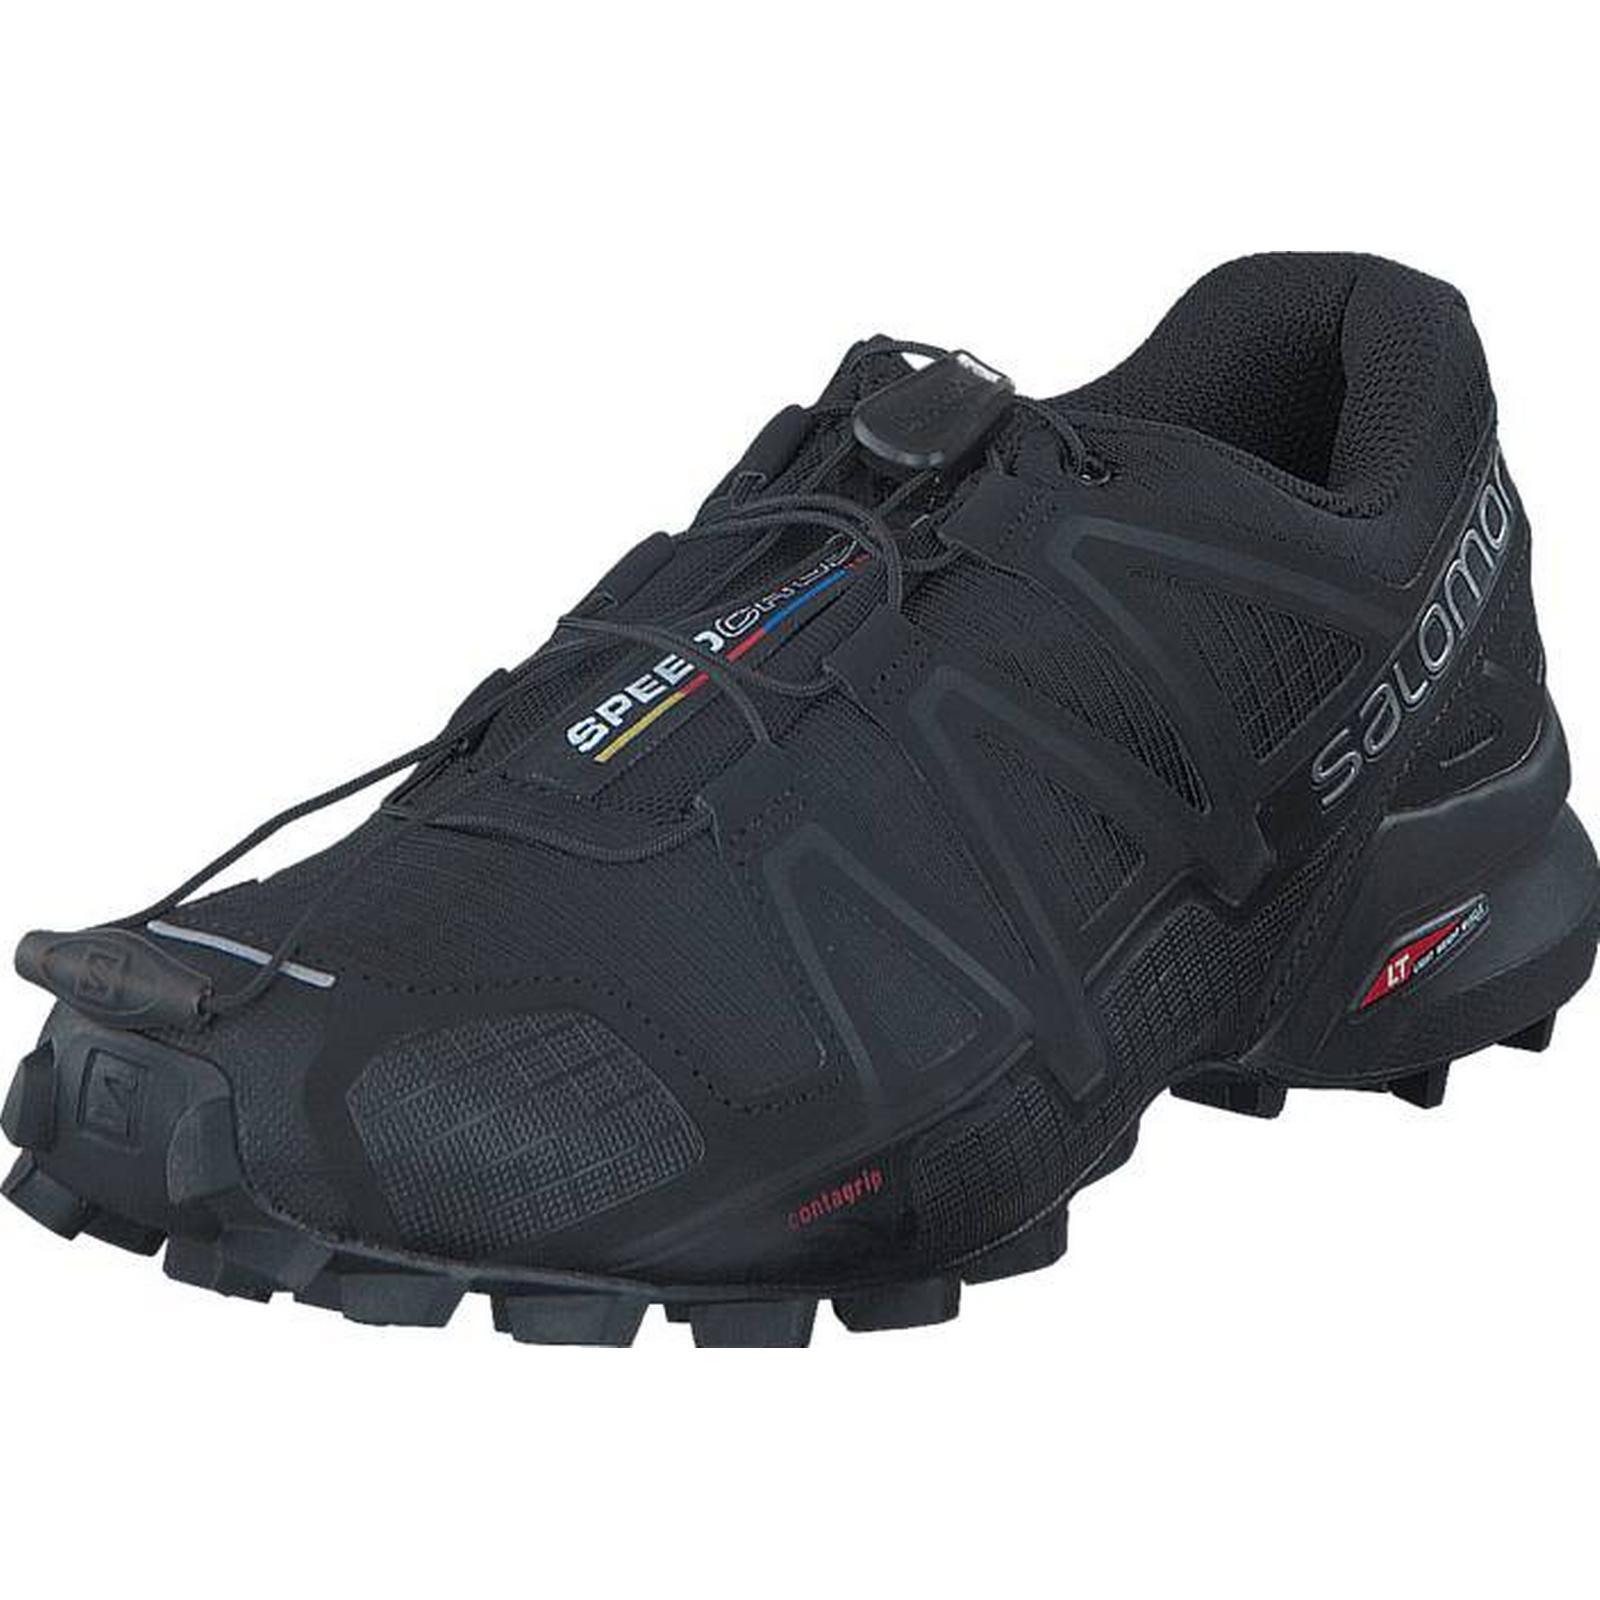 Salomon Speedcross W 4 W Speedcross Black/Black/Black Metallic, Shoes, Trainers & Sport Shoes , Walking Shoes, Grey, Black, Female, 40 3c584a